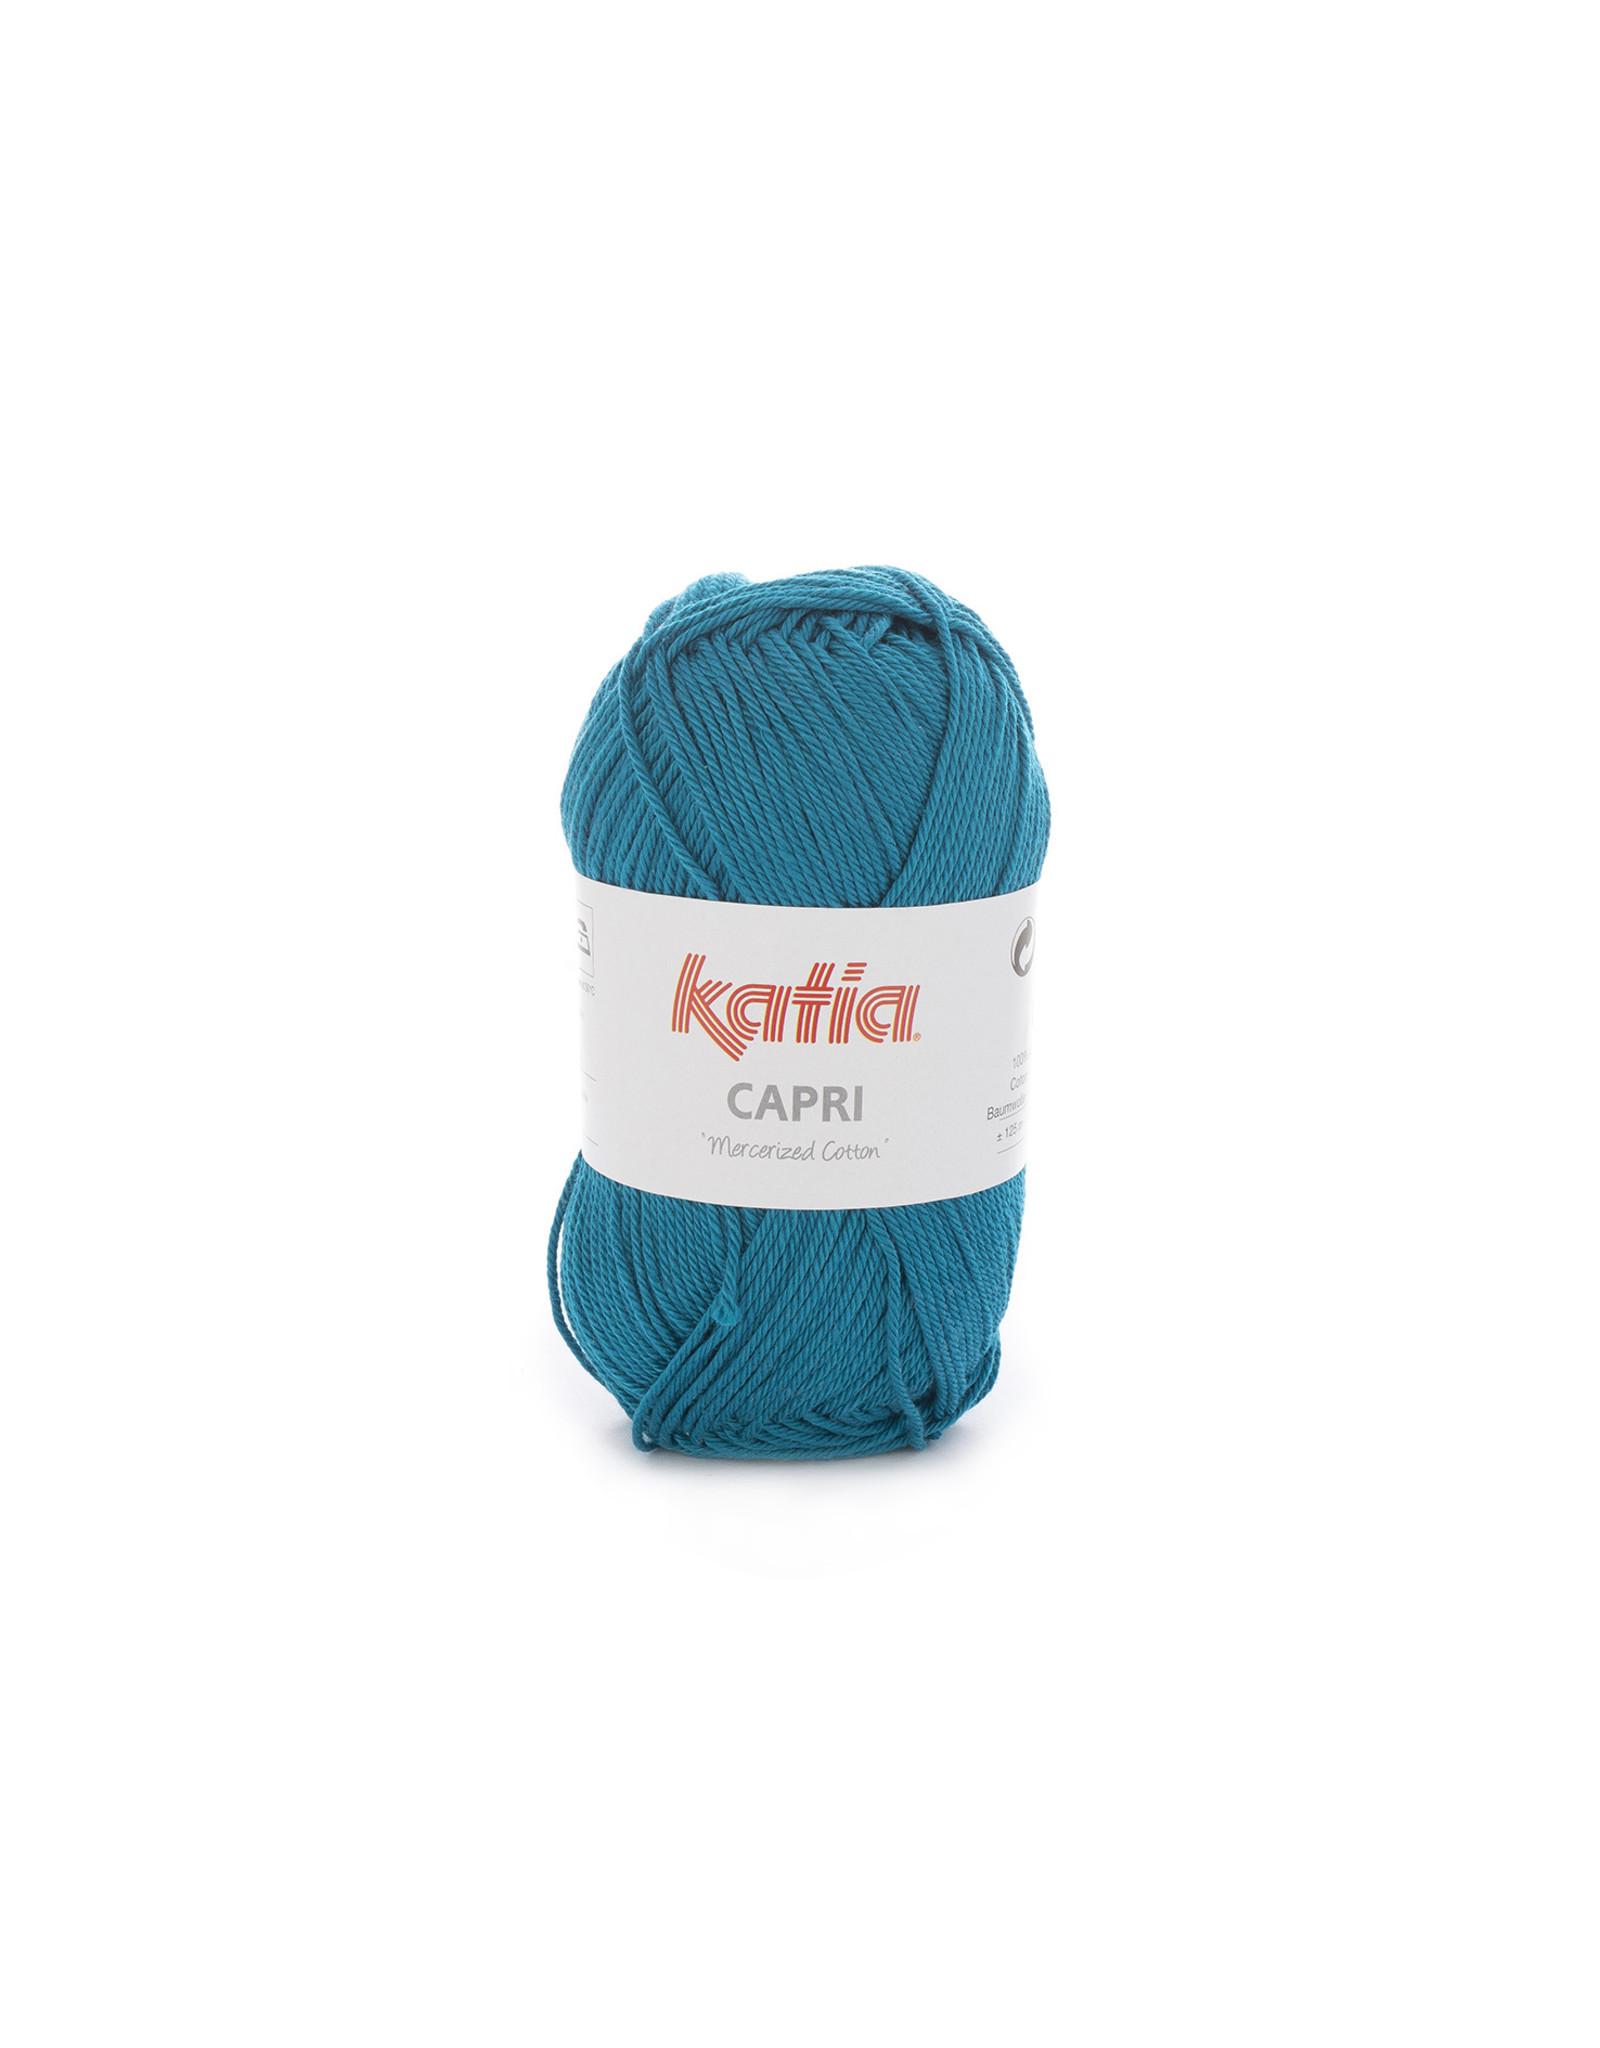 Katia Katia Capri - kleur 161 Groenblauw - bundel 5 x 50 gr. / 125 m. - 100% katoen